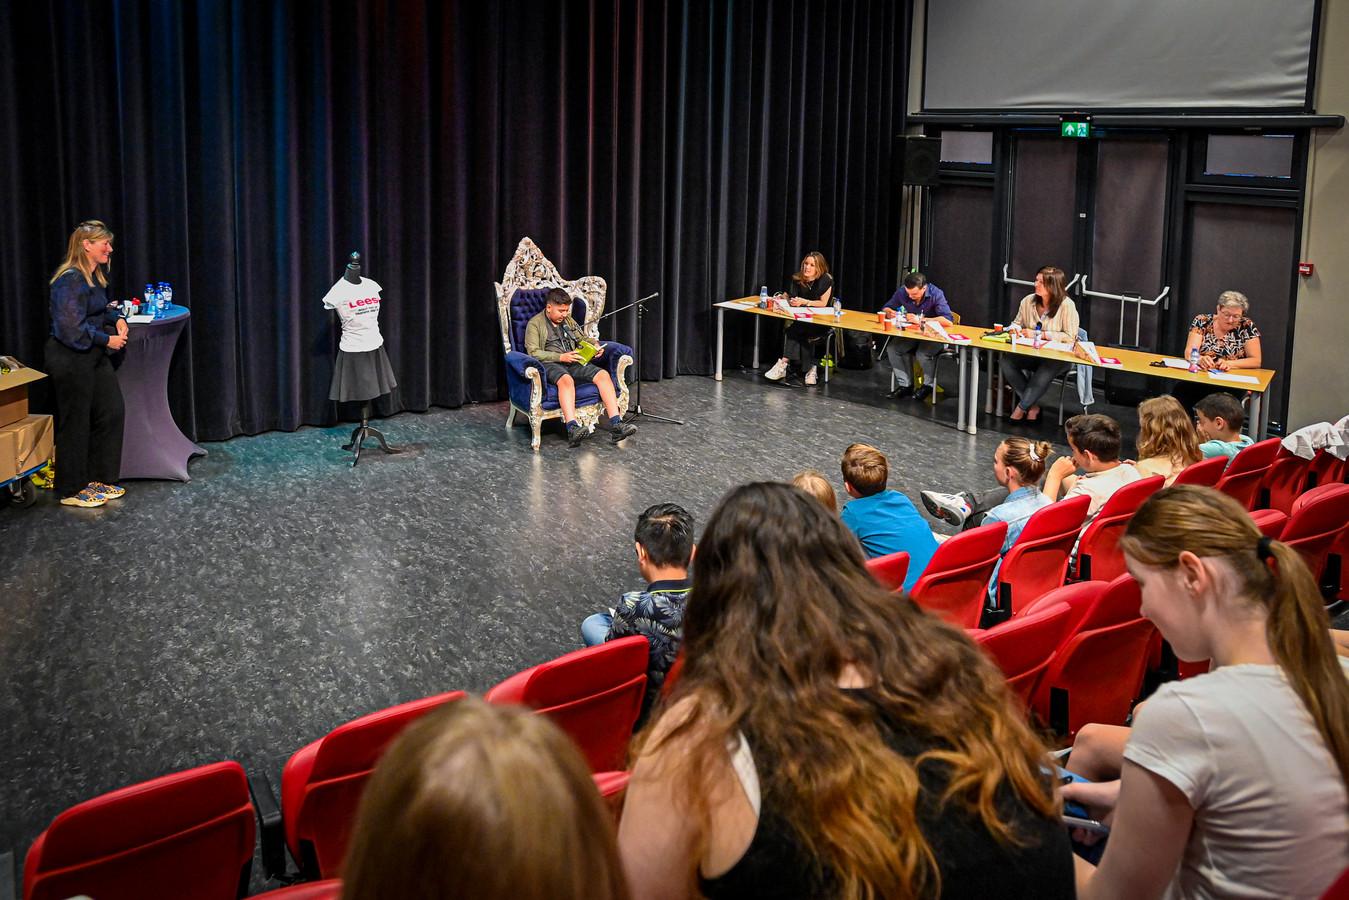 20210609 -OUDENBOSCH- Foto: Pix4Profs/Peter Braakmann - Jonge Jury heeft te maken met de voorleescompetities die ook op middelbare scholen waren. Markland heeft paar bekende schrijvers uitgenodigd en doet het nu op school.(Foto: Zakaria Loufi leest voor)